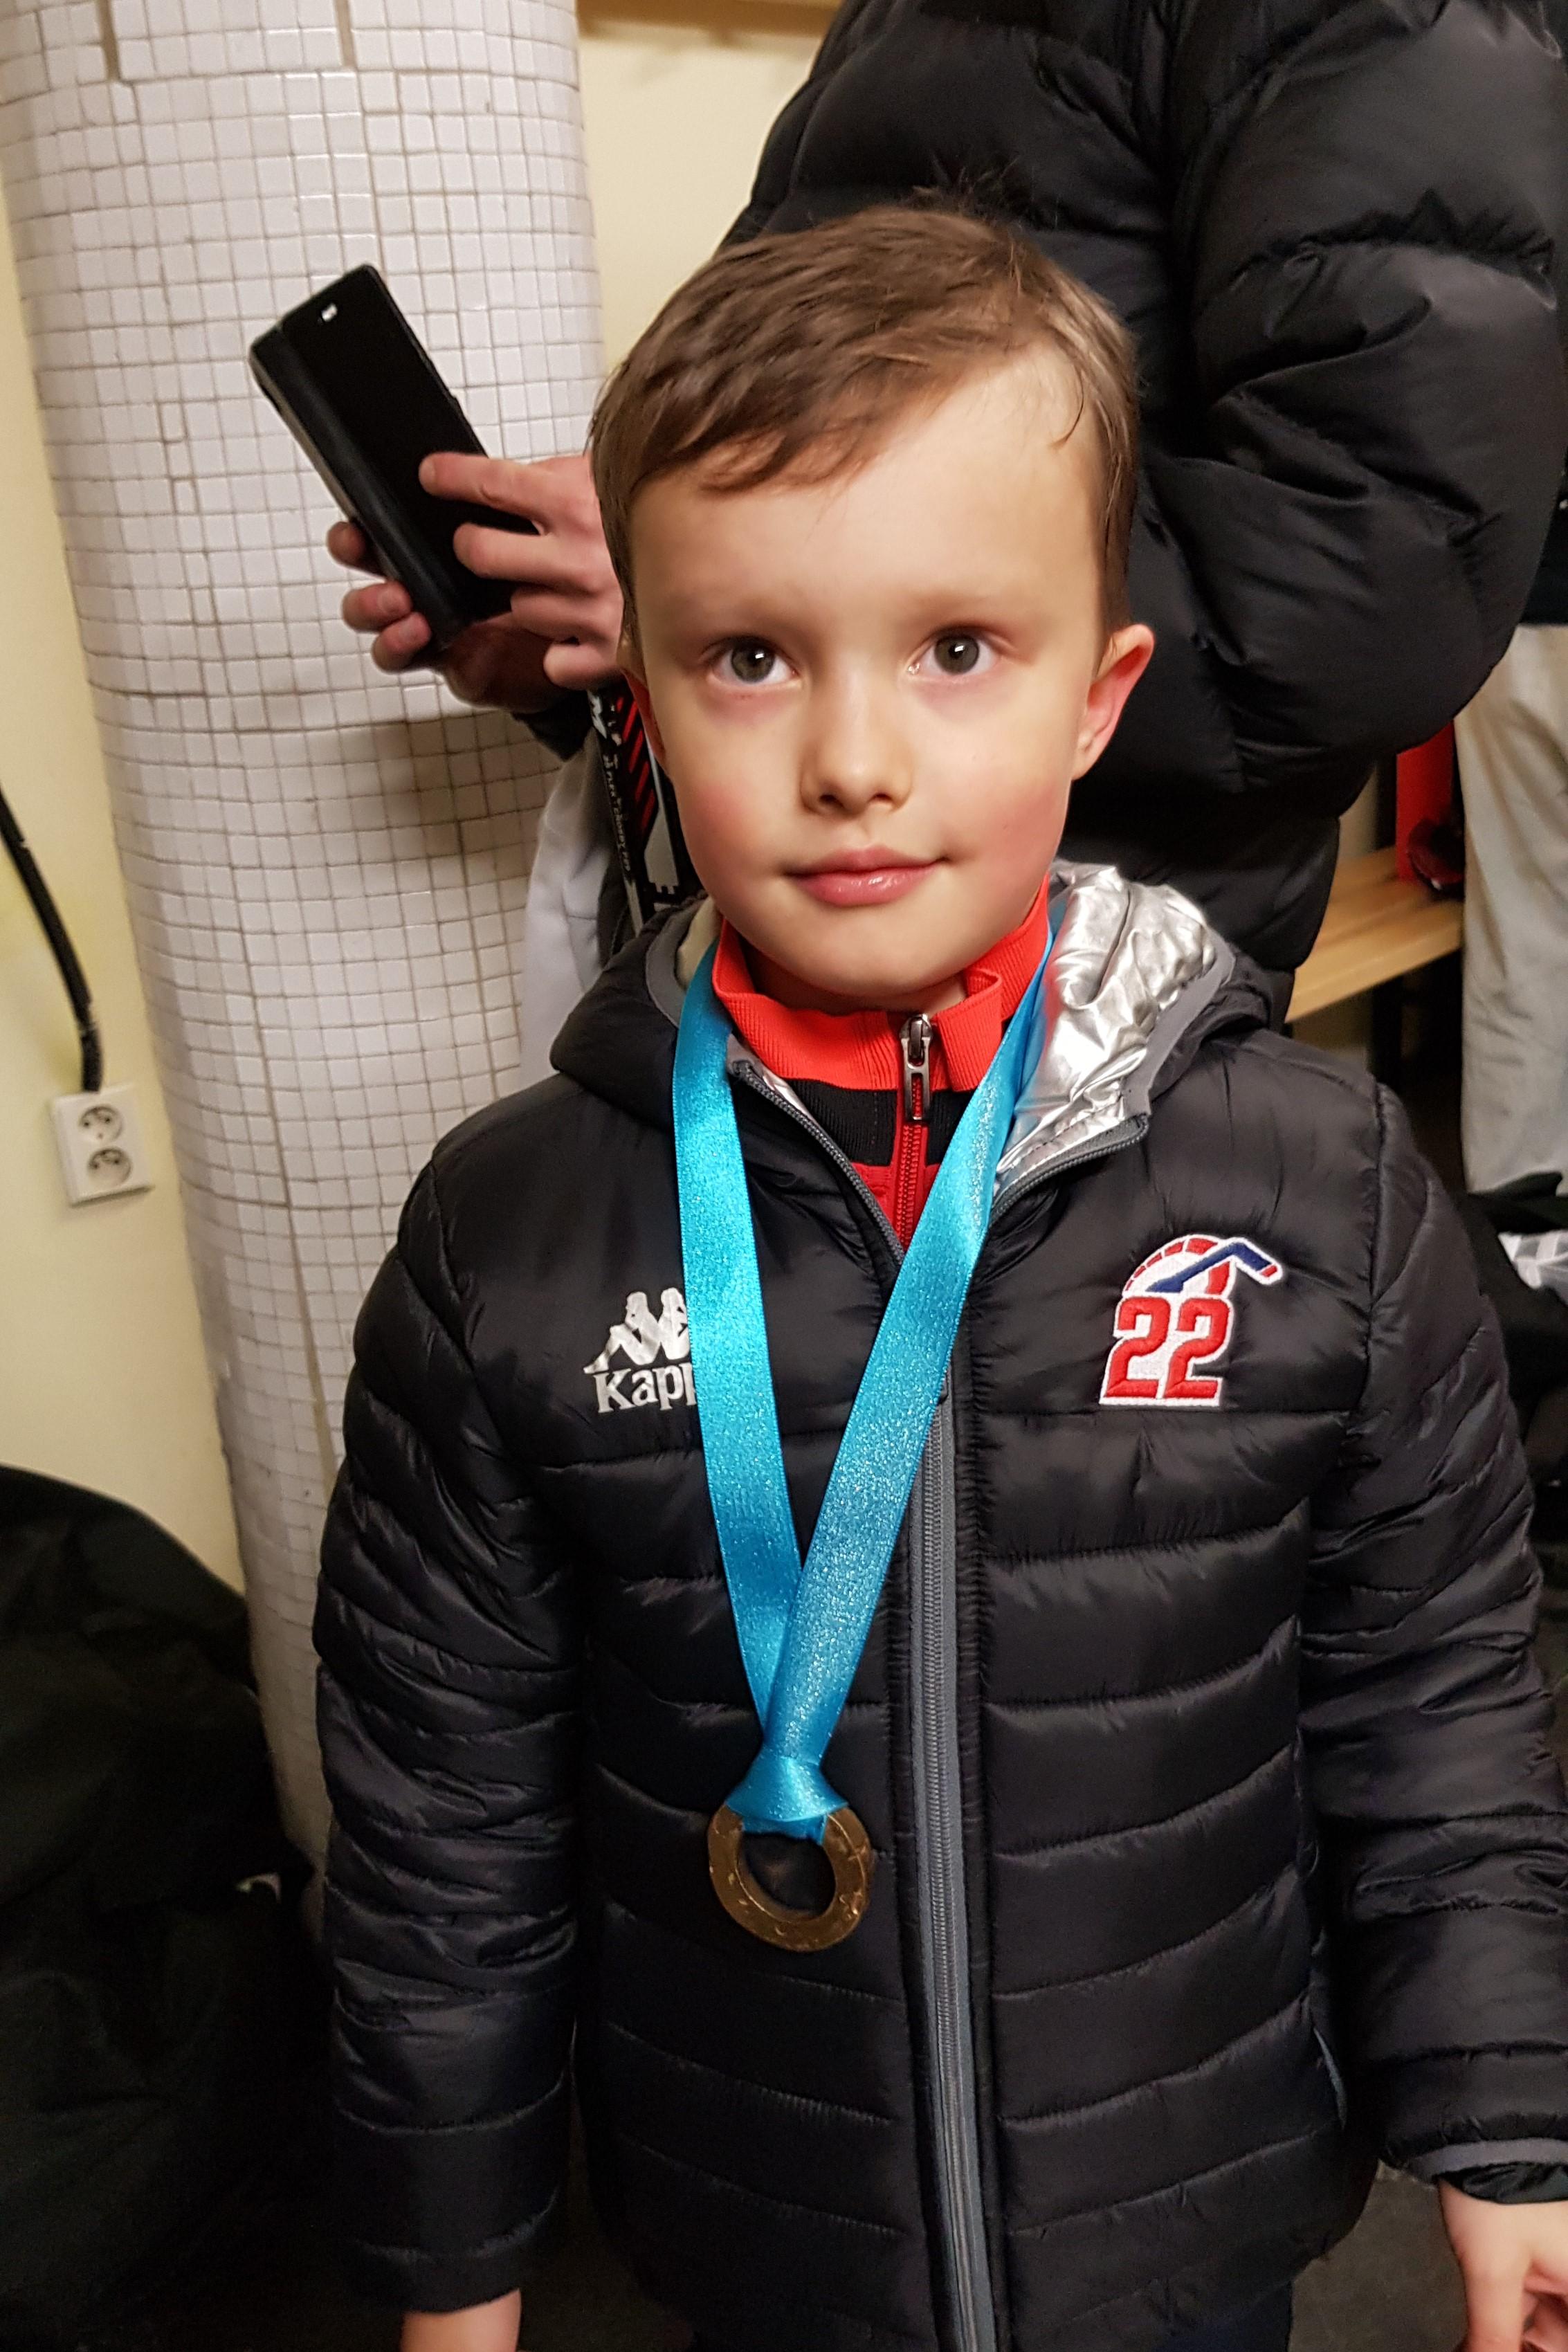 prvy zapas v drese speeders hokej bratislava medaile po zapase